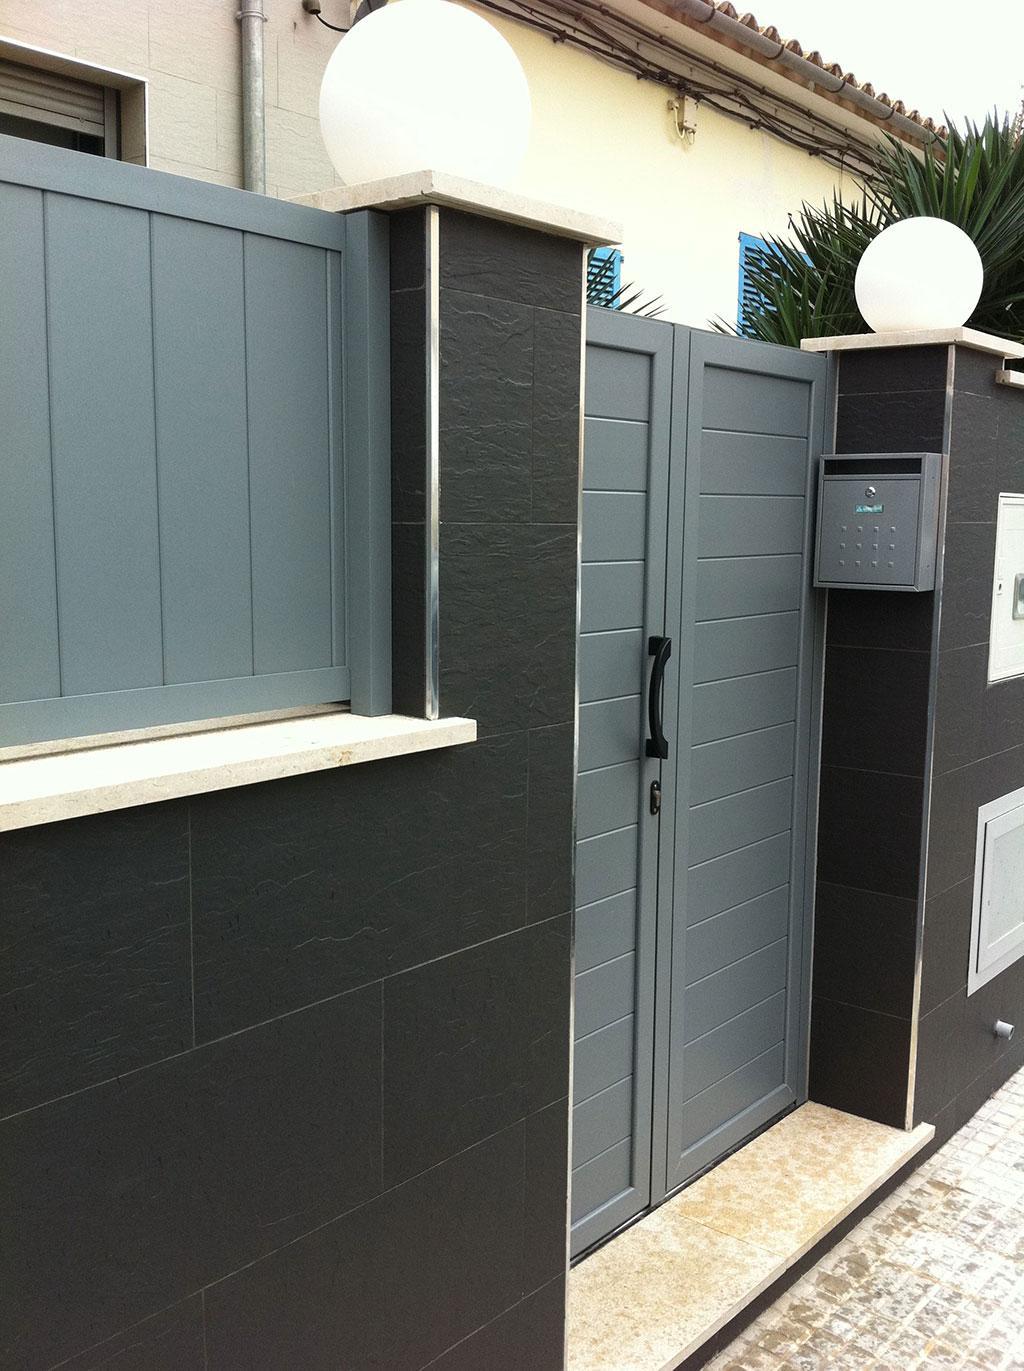 Puertas correderas exteriores automaticas entrada a comercio vidrios y puerta con persiana Puertas correderas exteriores precios